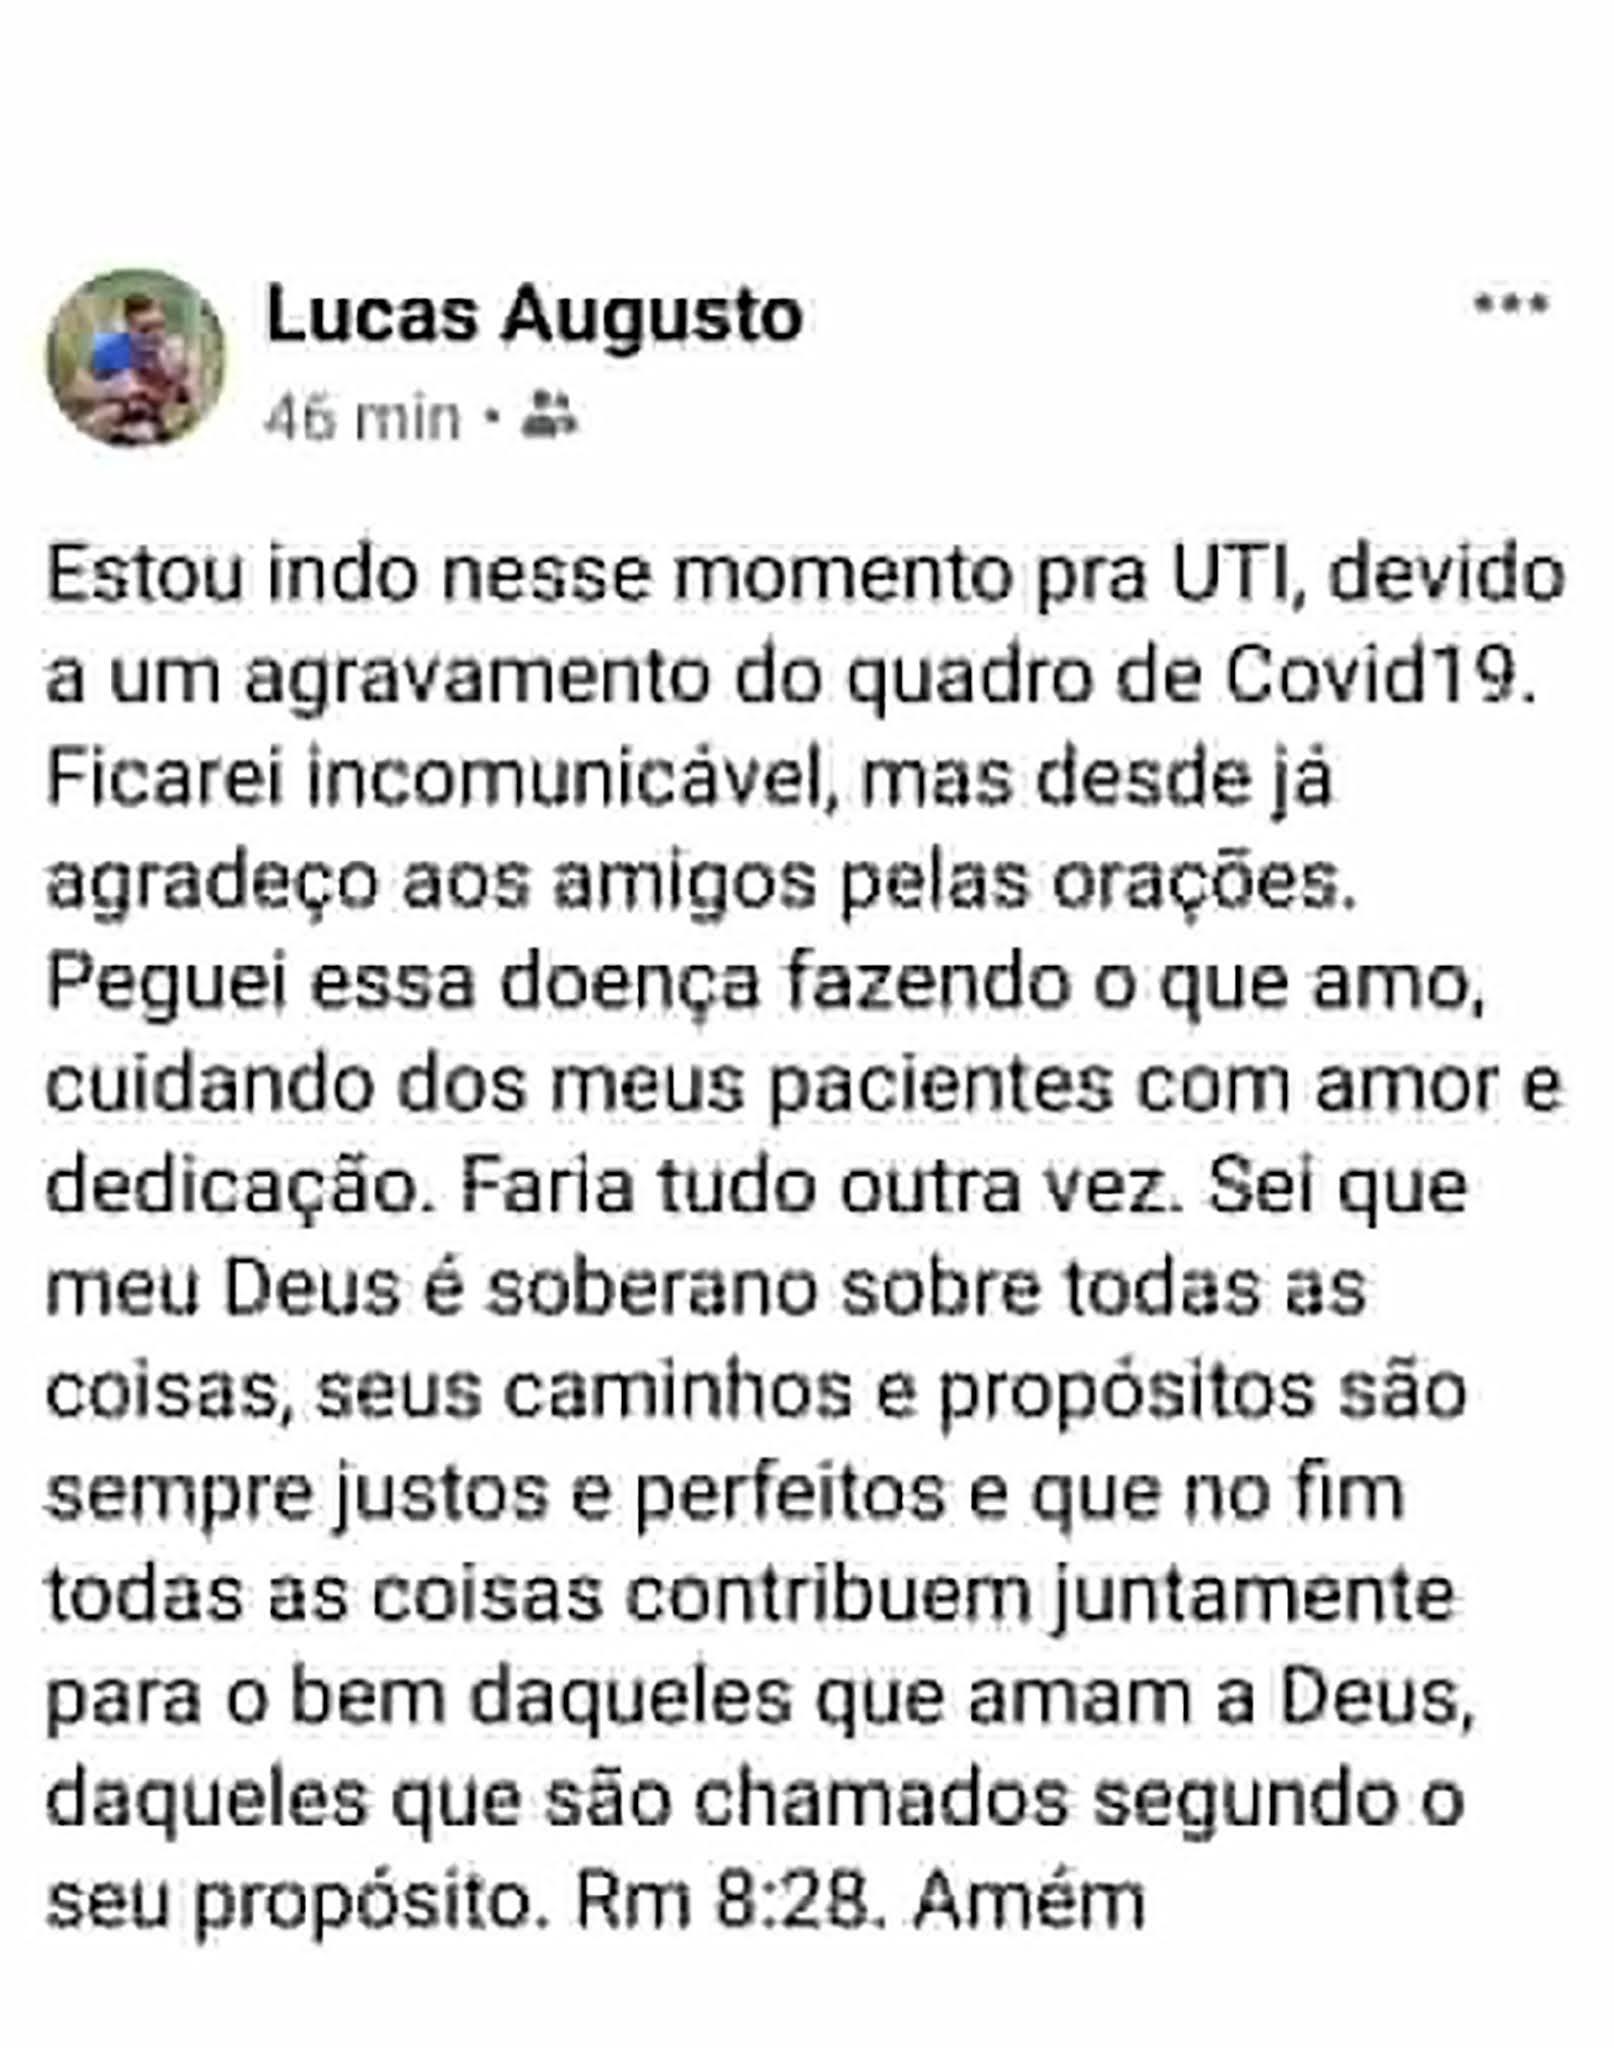 La carta de Lucas Augusto Pires